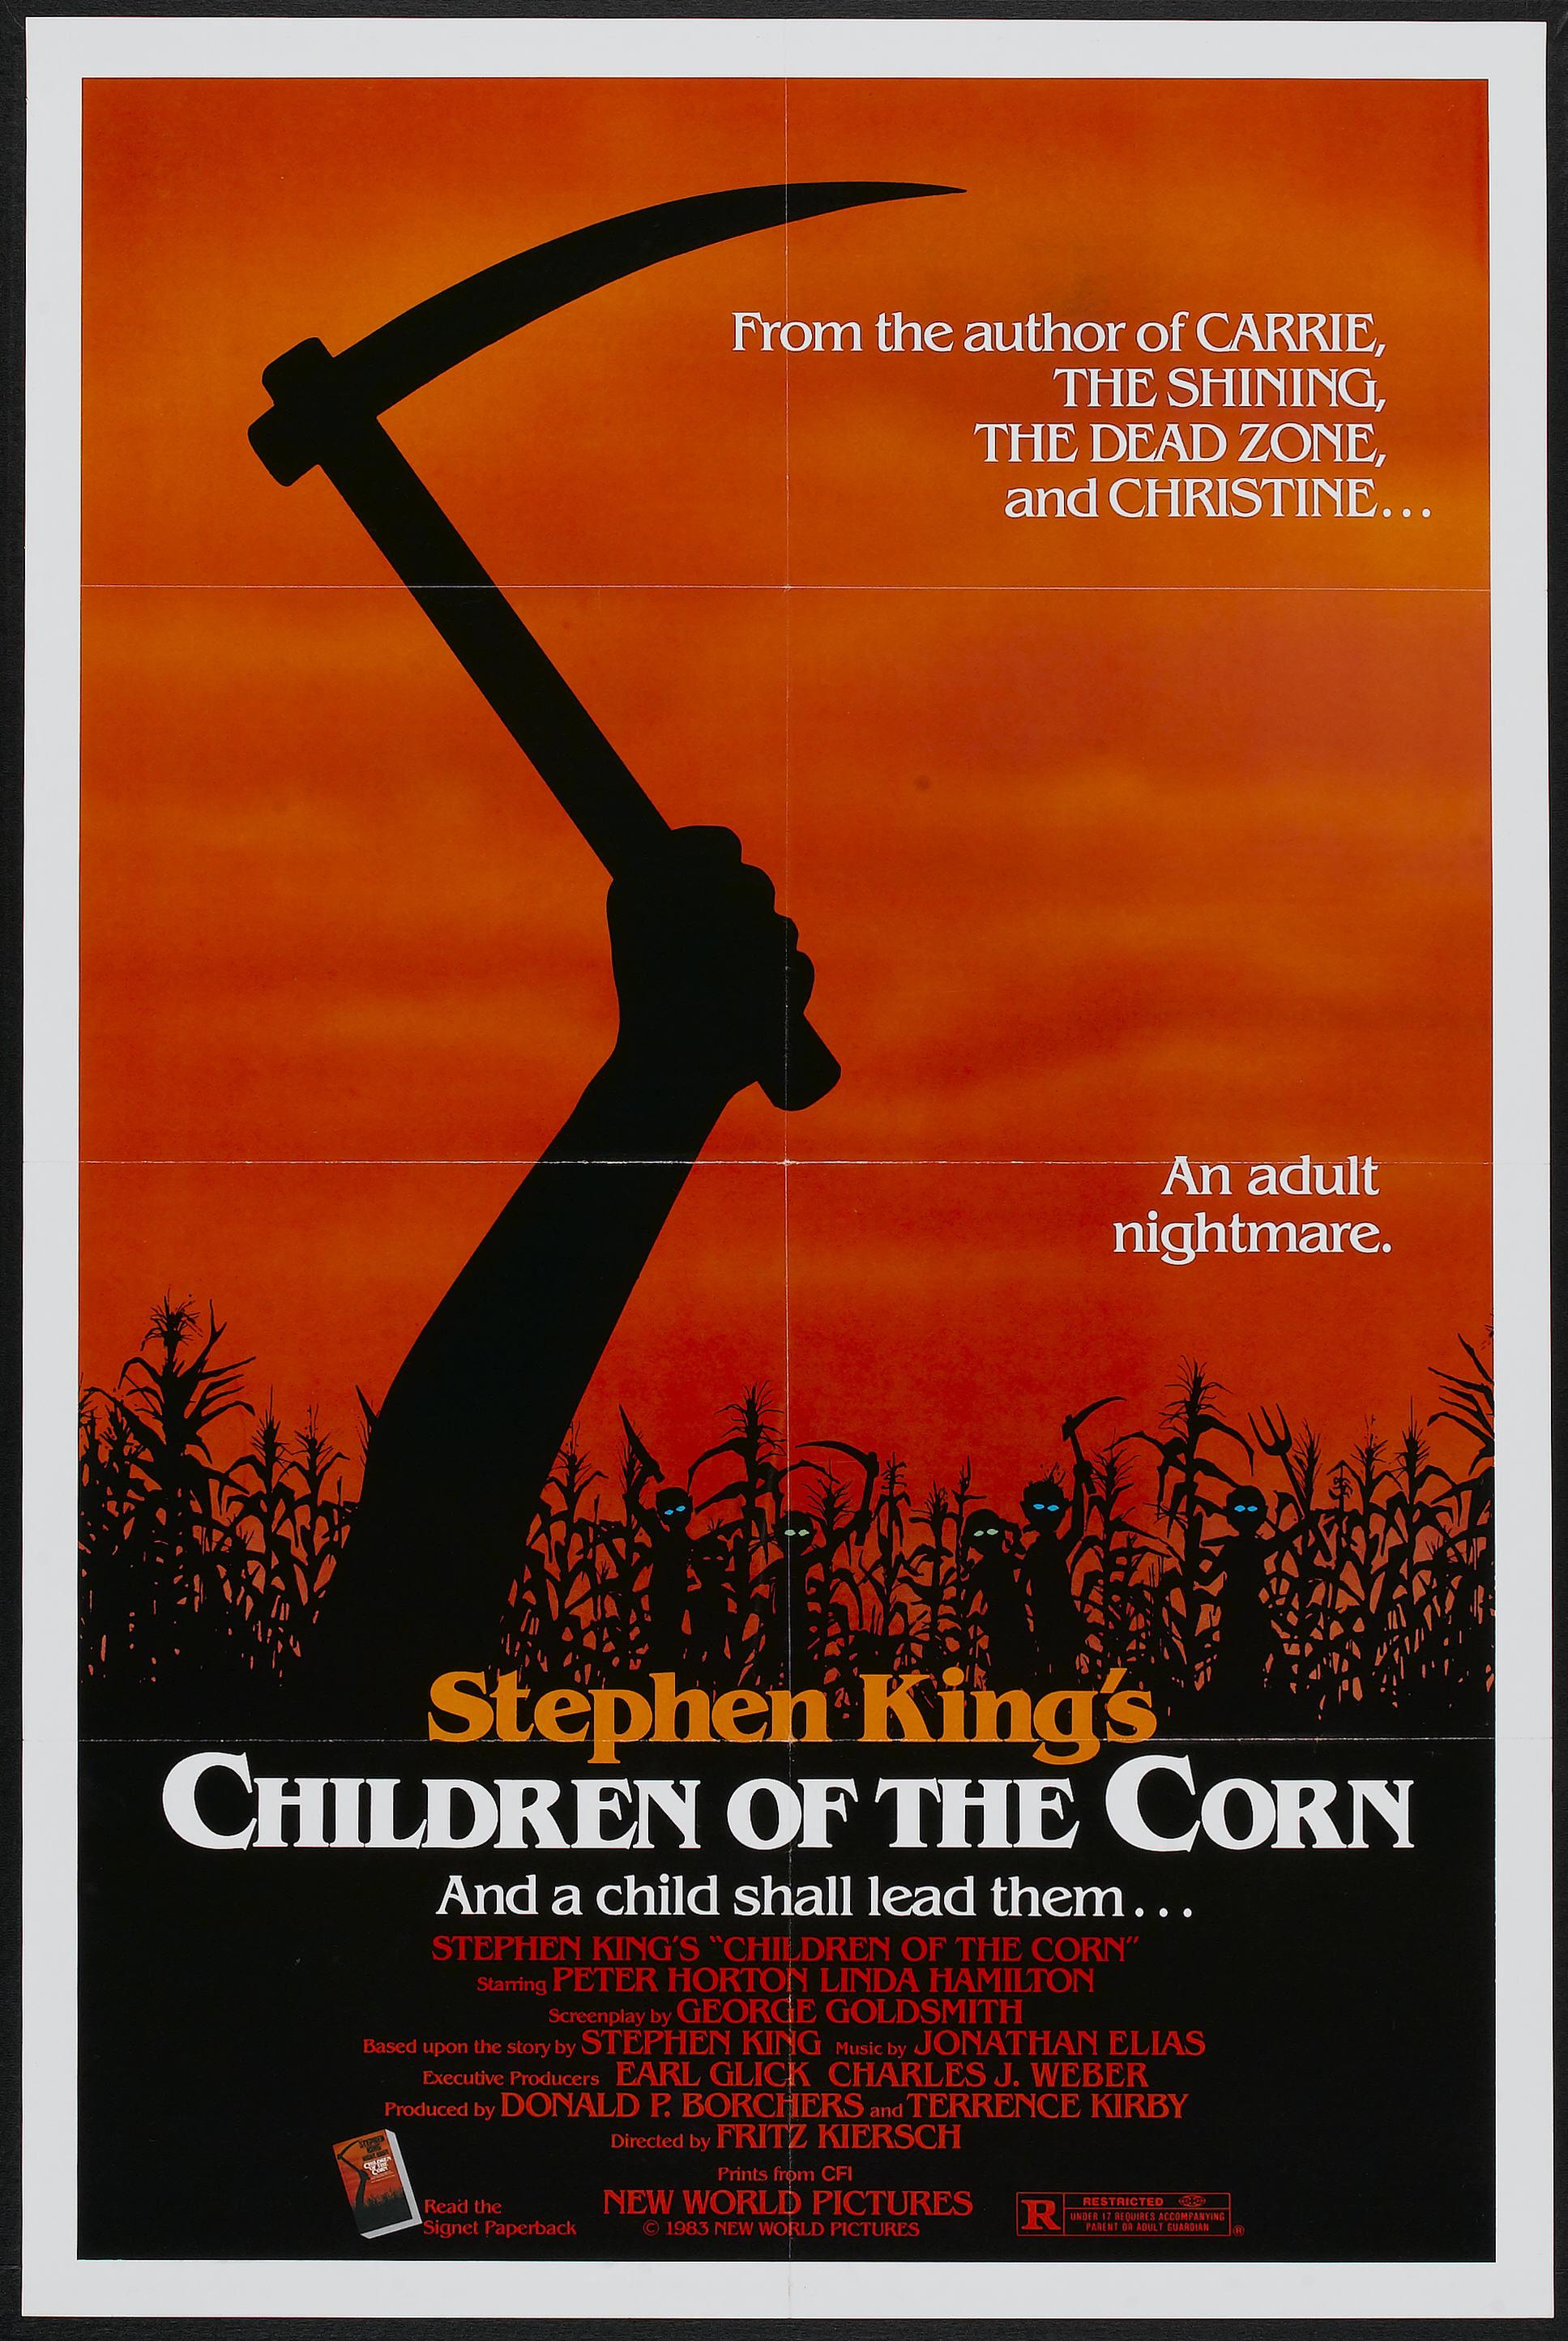 children_of_the_corn_poster_01.jpg